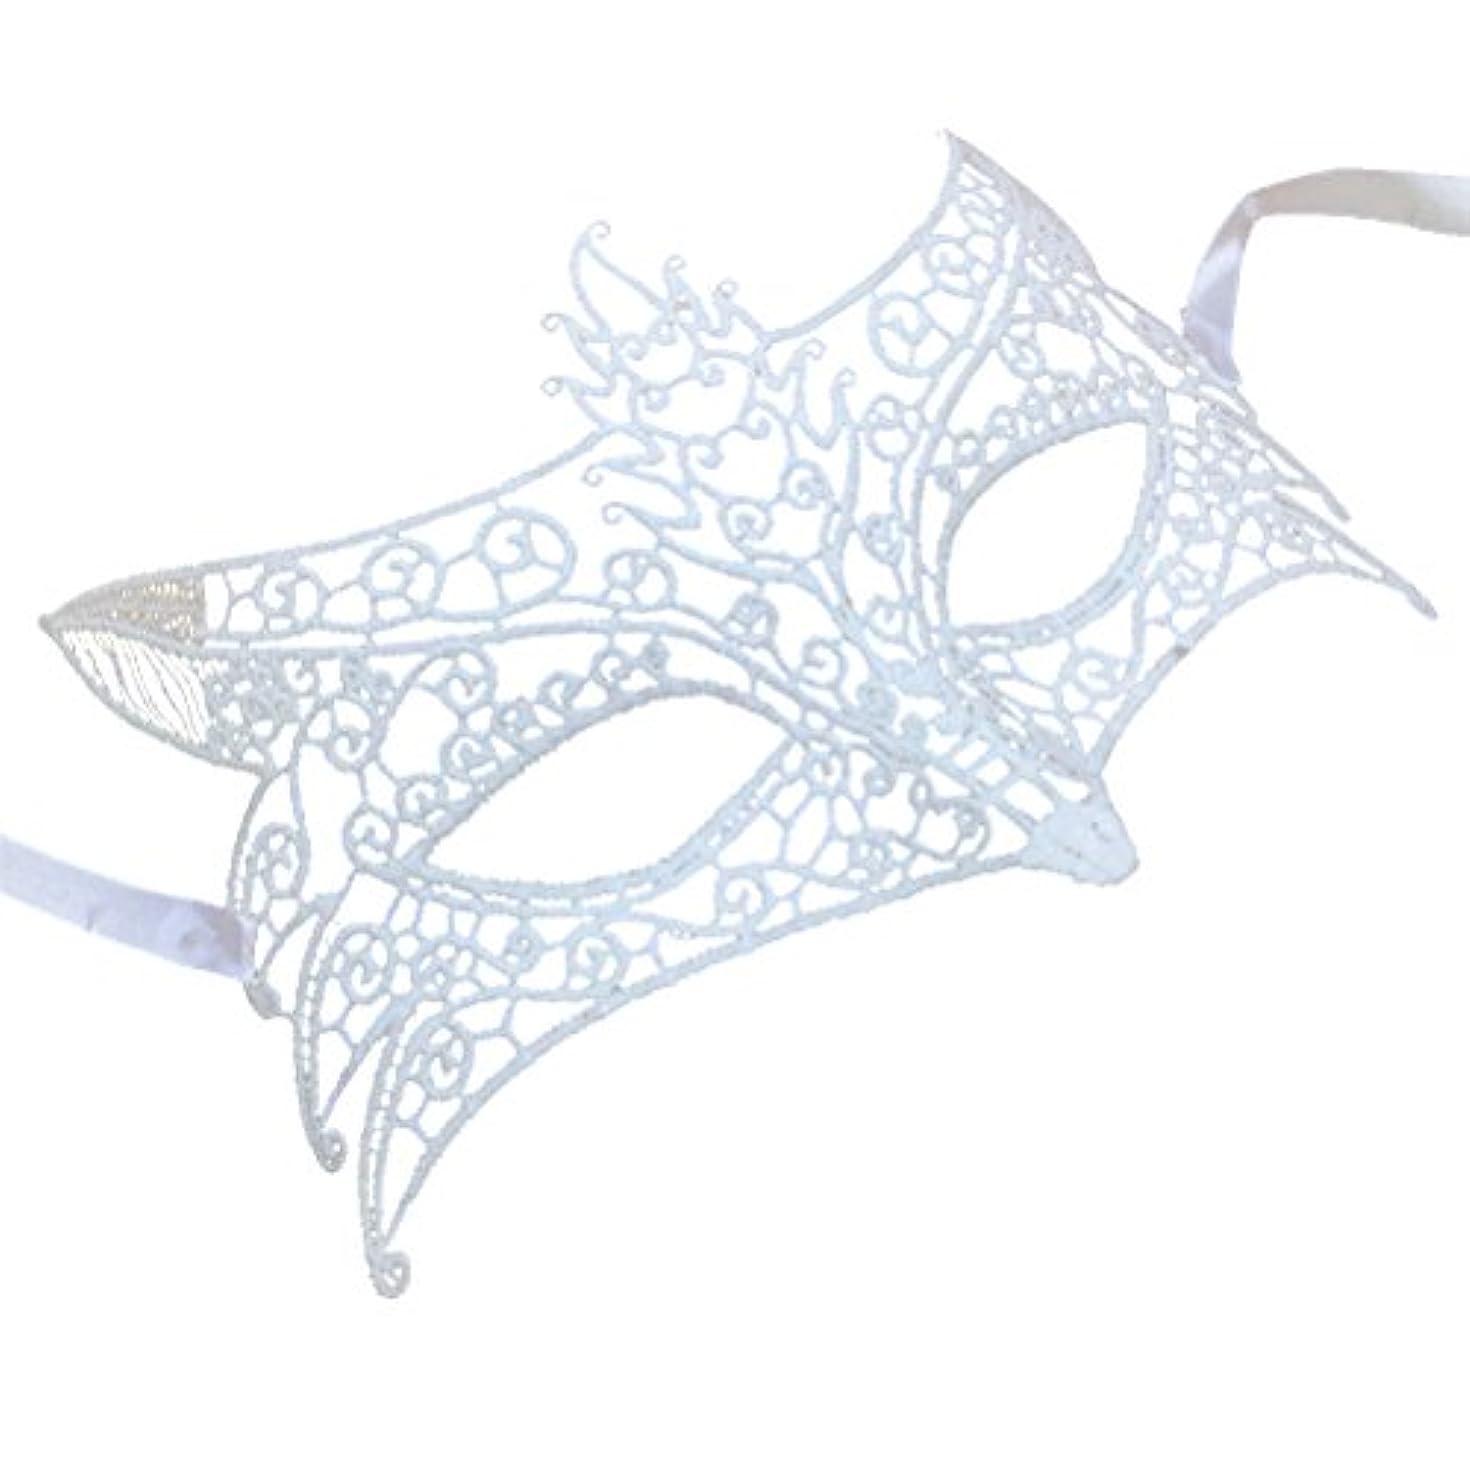 深い動作デンマークAMOSFUN キツネの形をしたレースパーティーマスクイブニングパーティーウエディングマスカレードマスク(ホワイト)